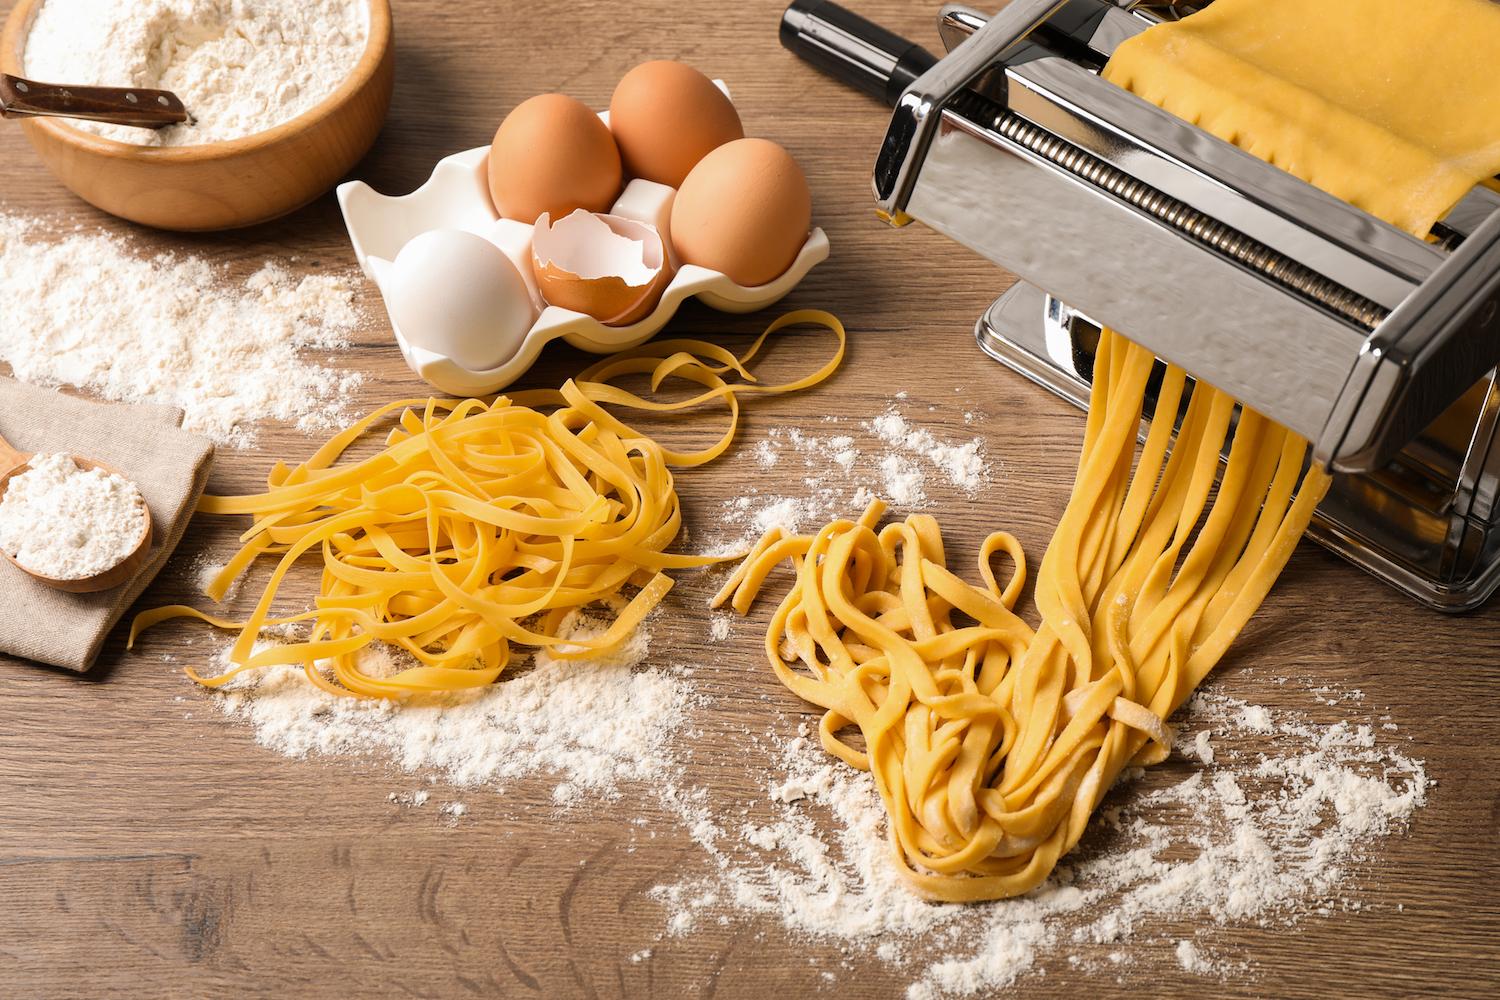 La pasta fatta in casa: un prontuario per l'ultimo minuto